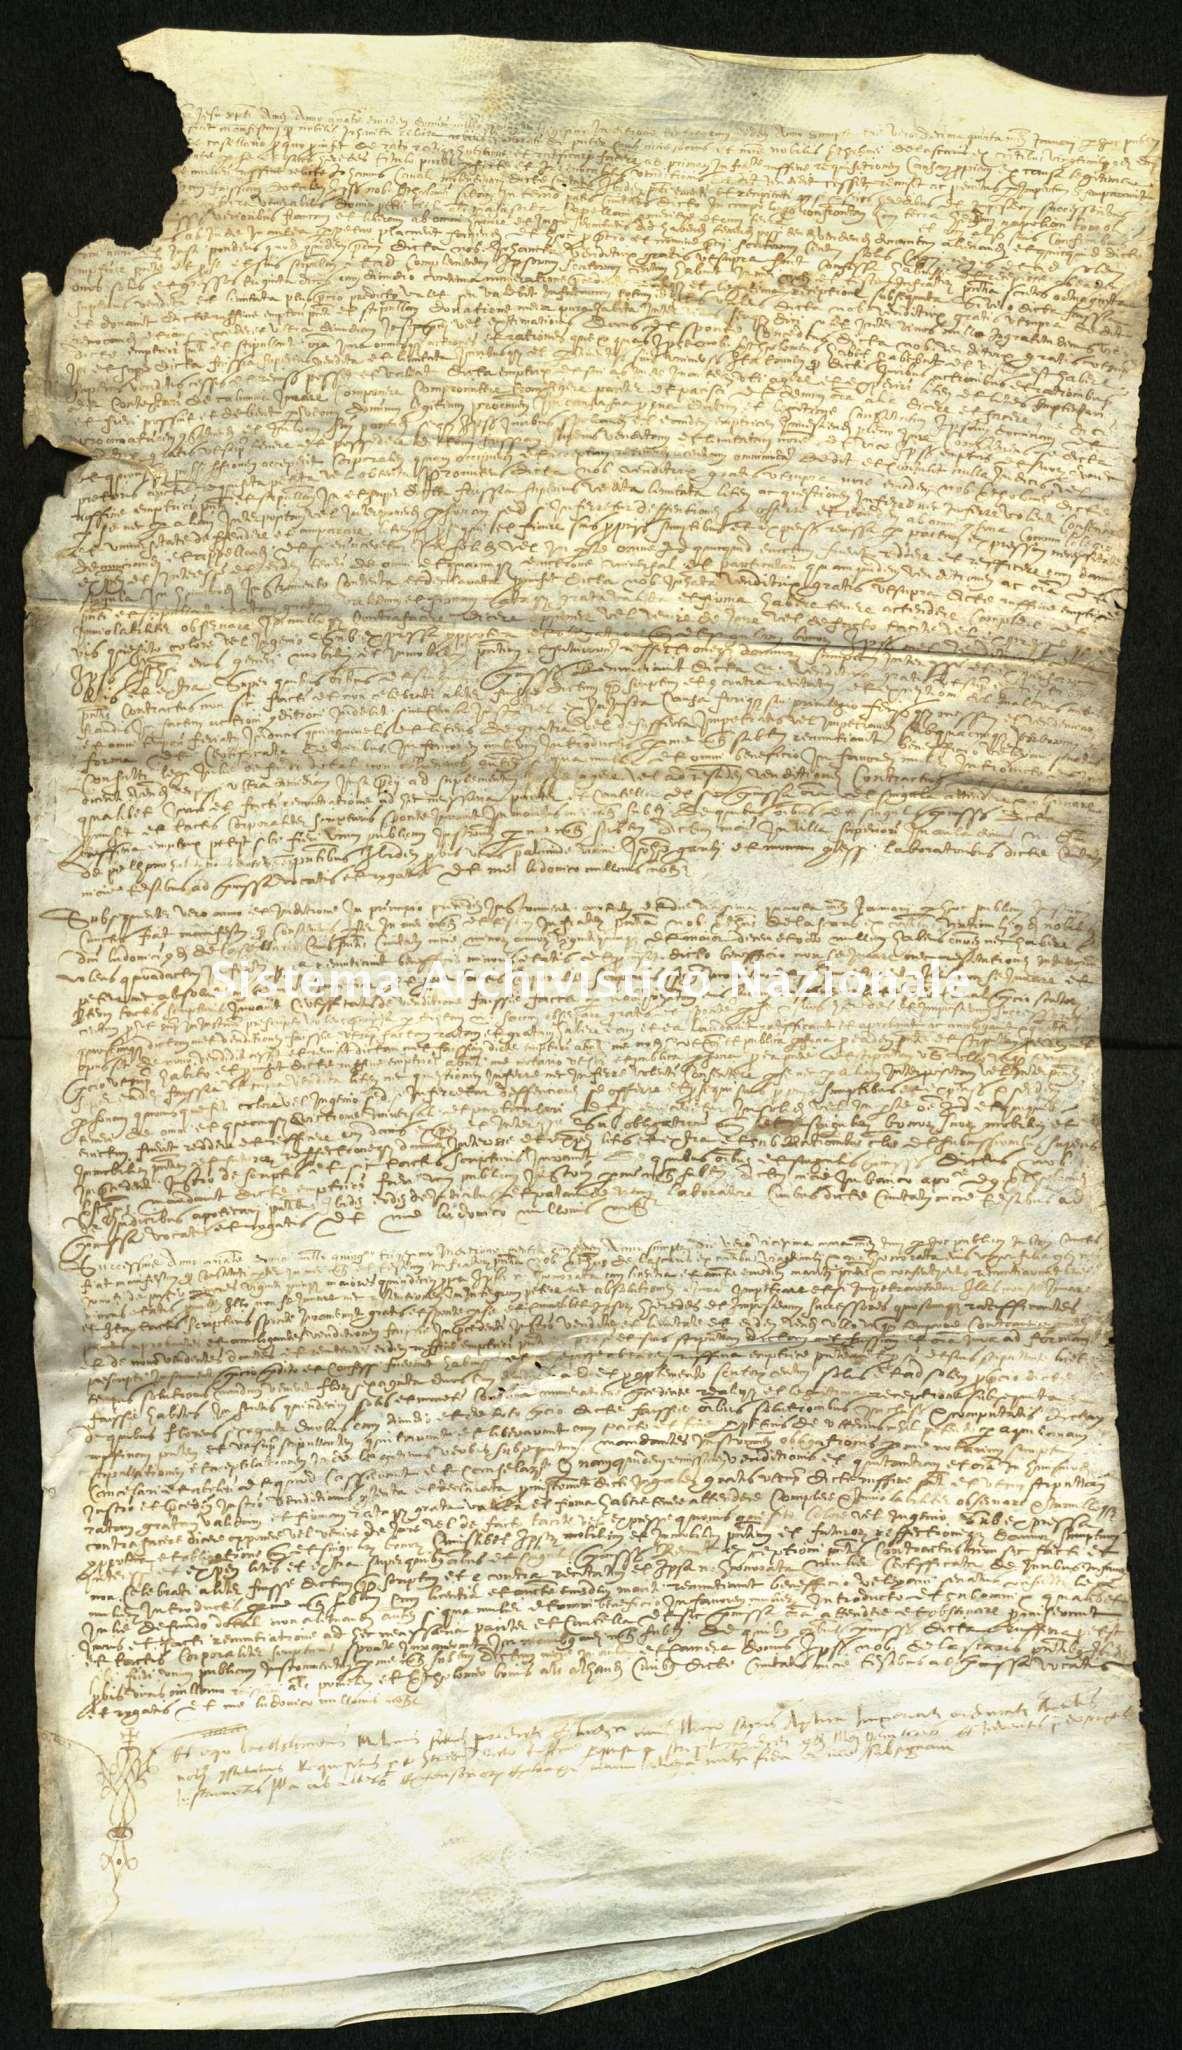 Archivio di Stato di Biella, Richelmy di Bovile, Pergamene, Nizza 1530